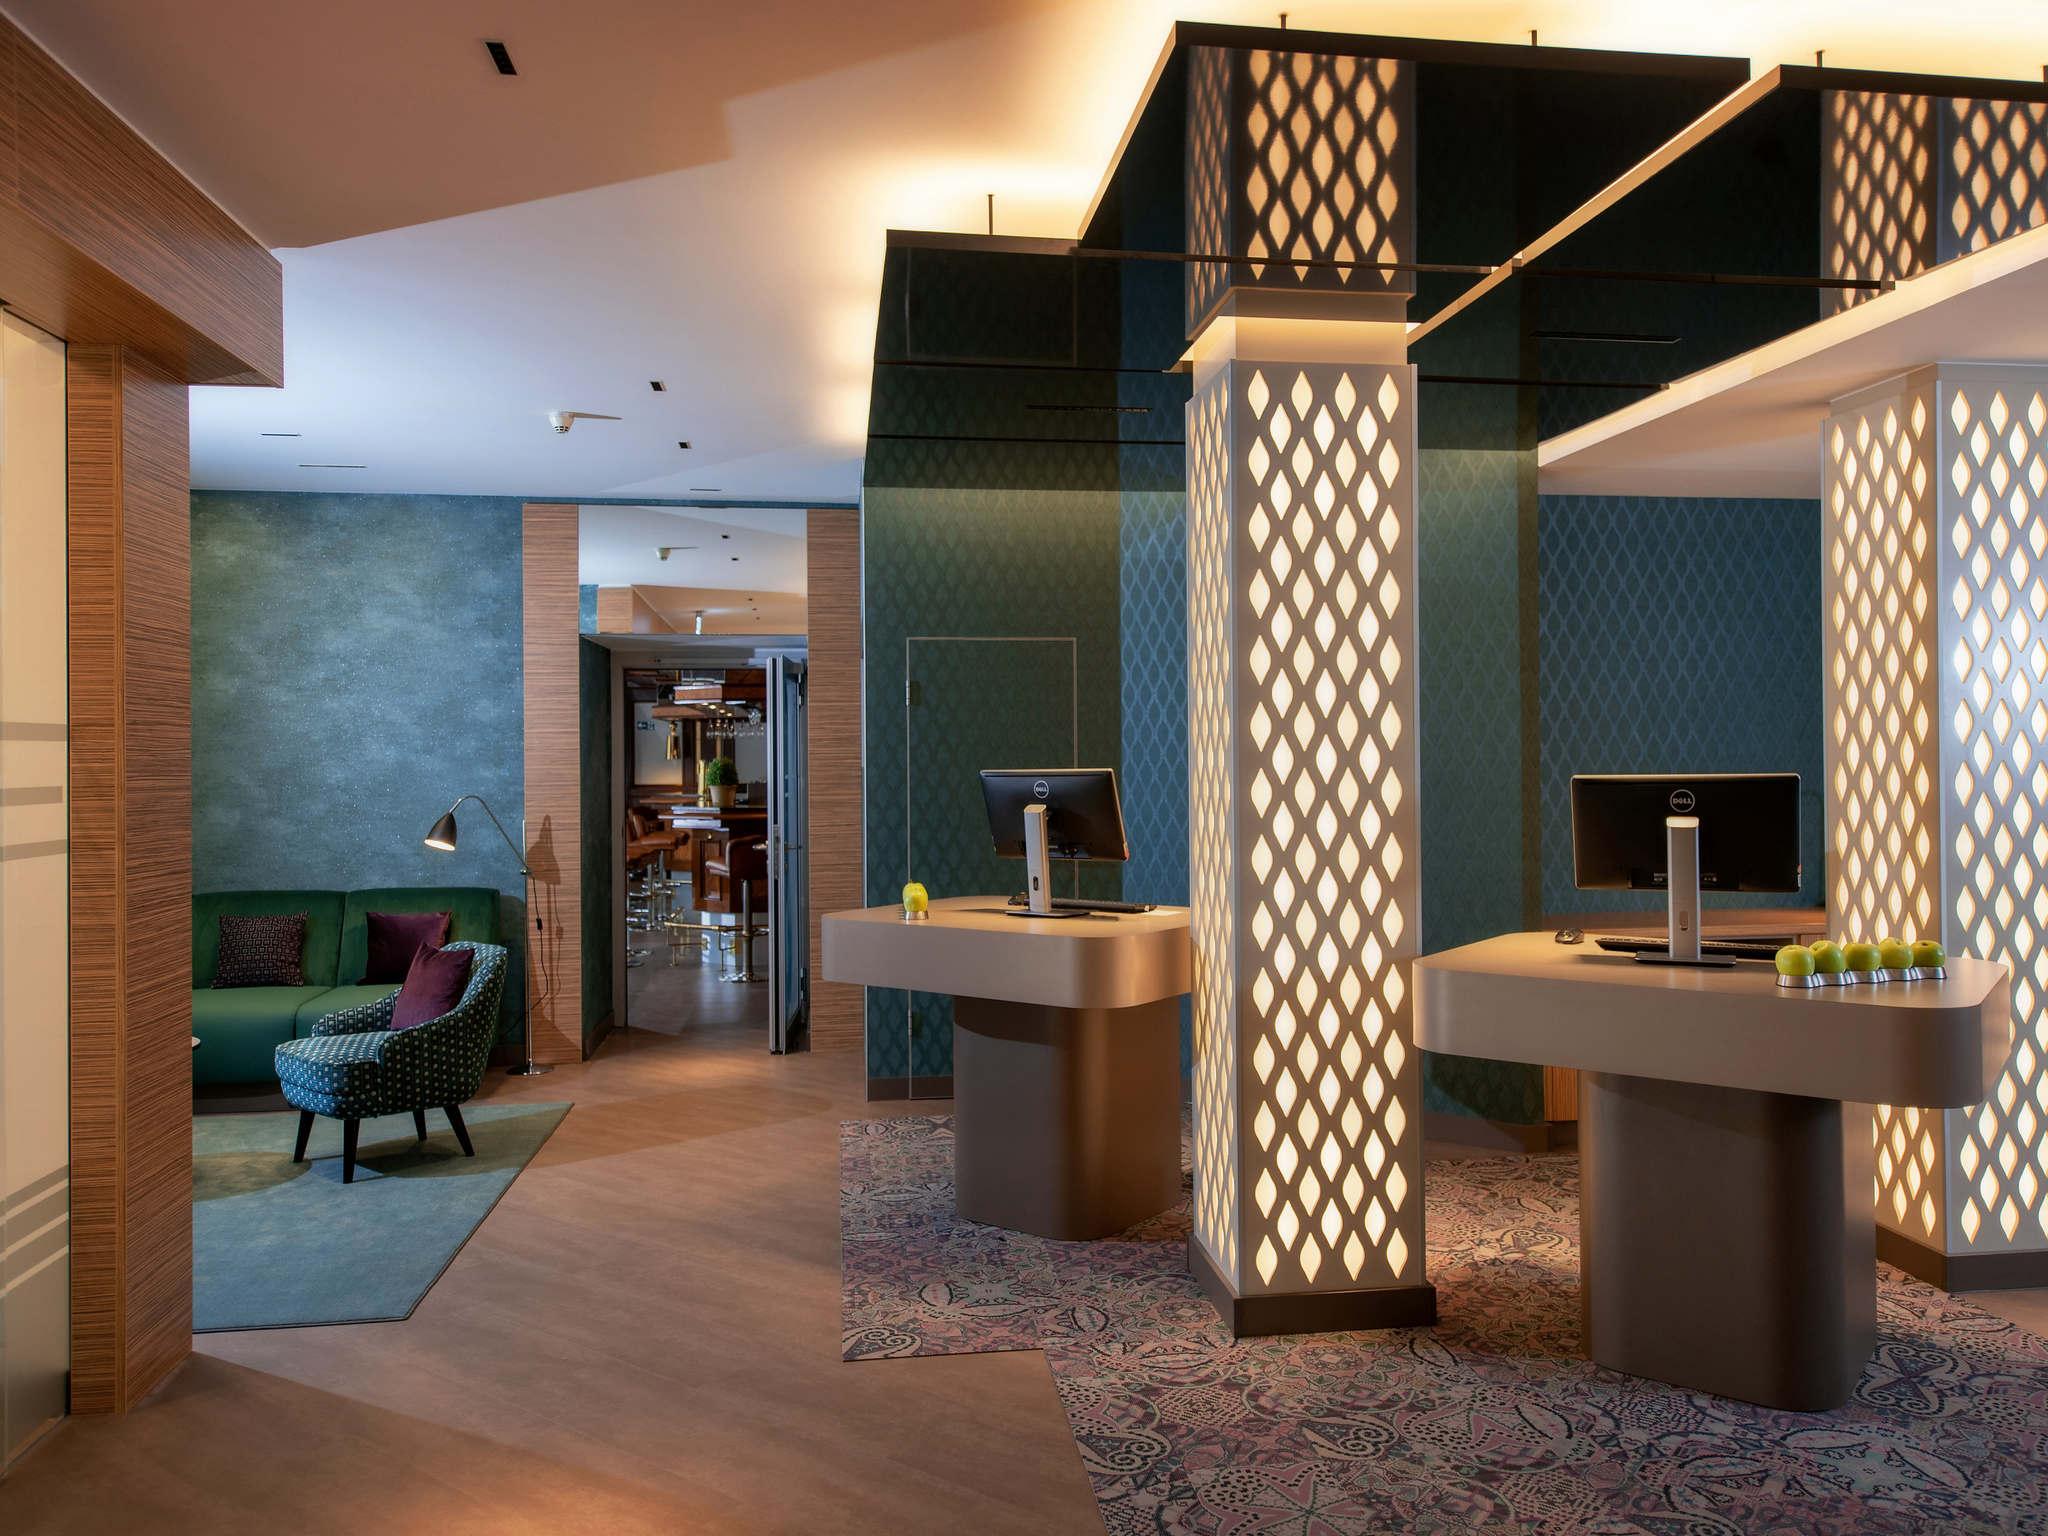 Hotell – Mercure Hotel Koeln Belfortstrasse